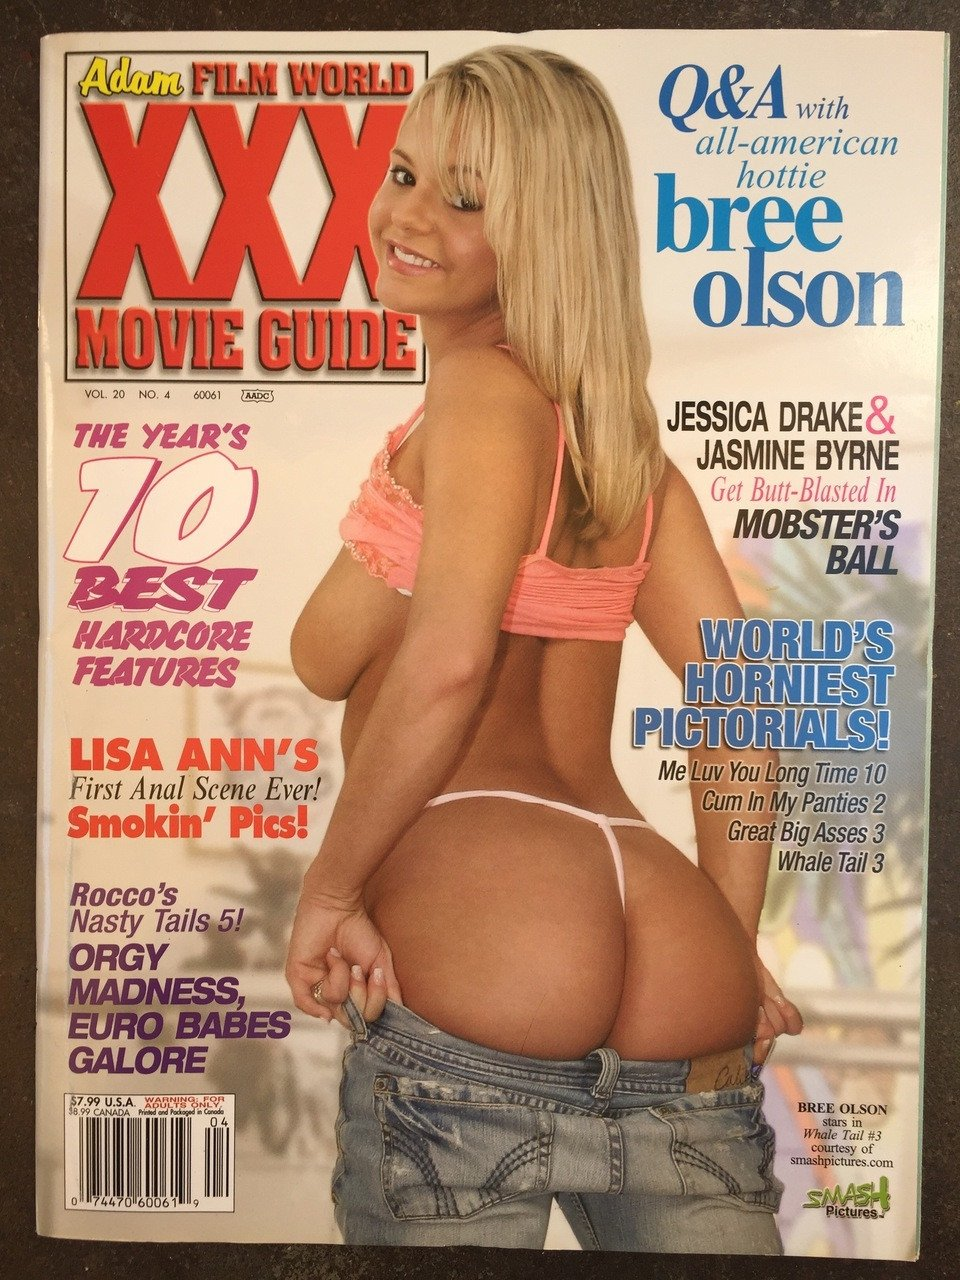 lebendig und großartig im Stil unverwechselbares Design neues Erscheinungsbild XXX Movie Guide Magazine